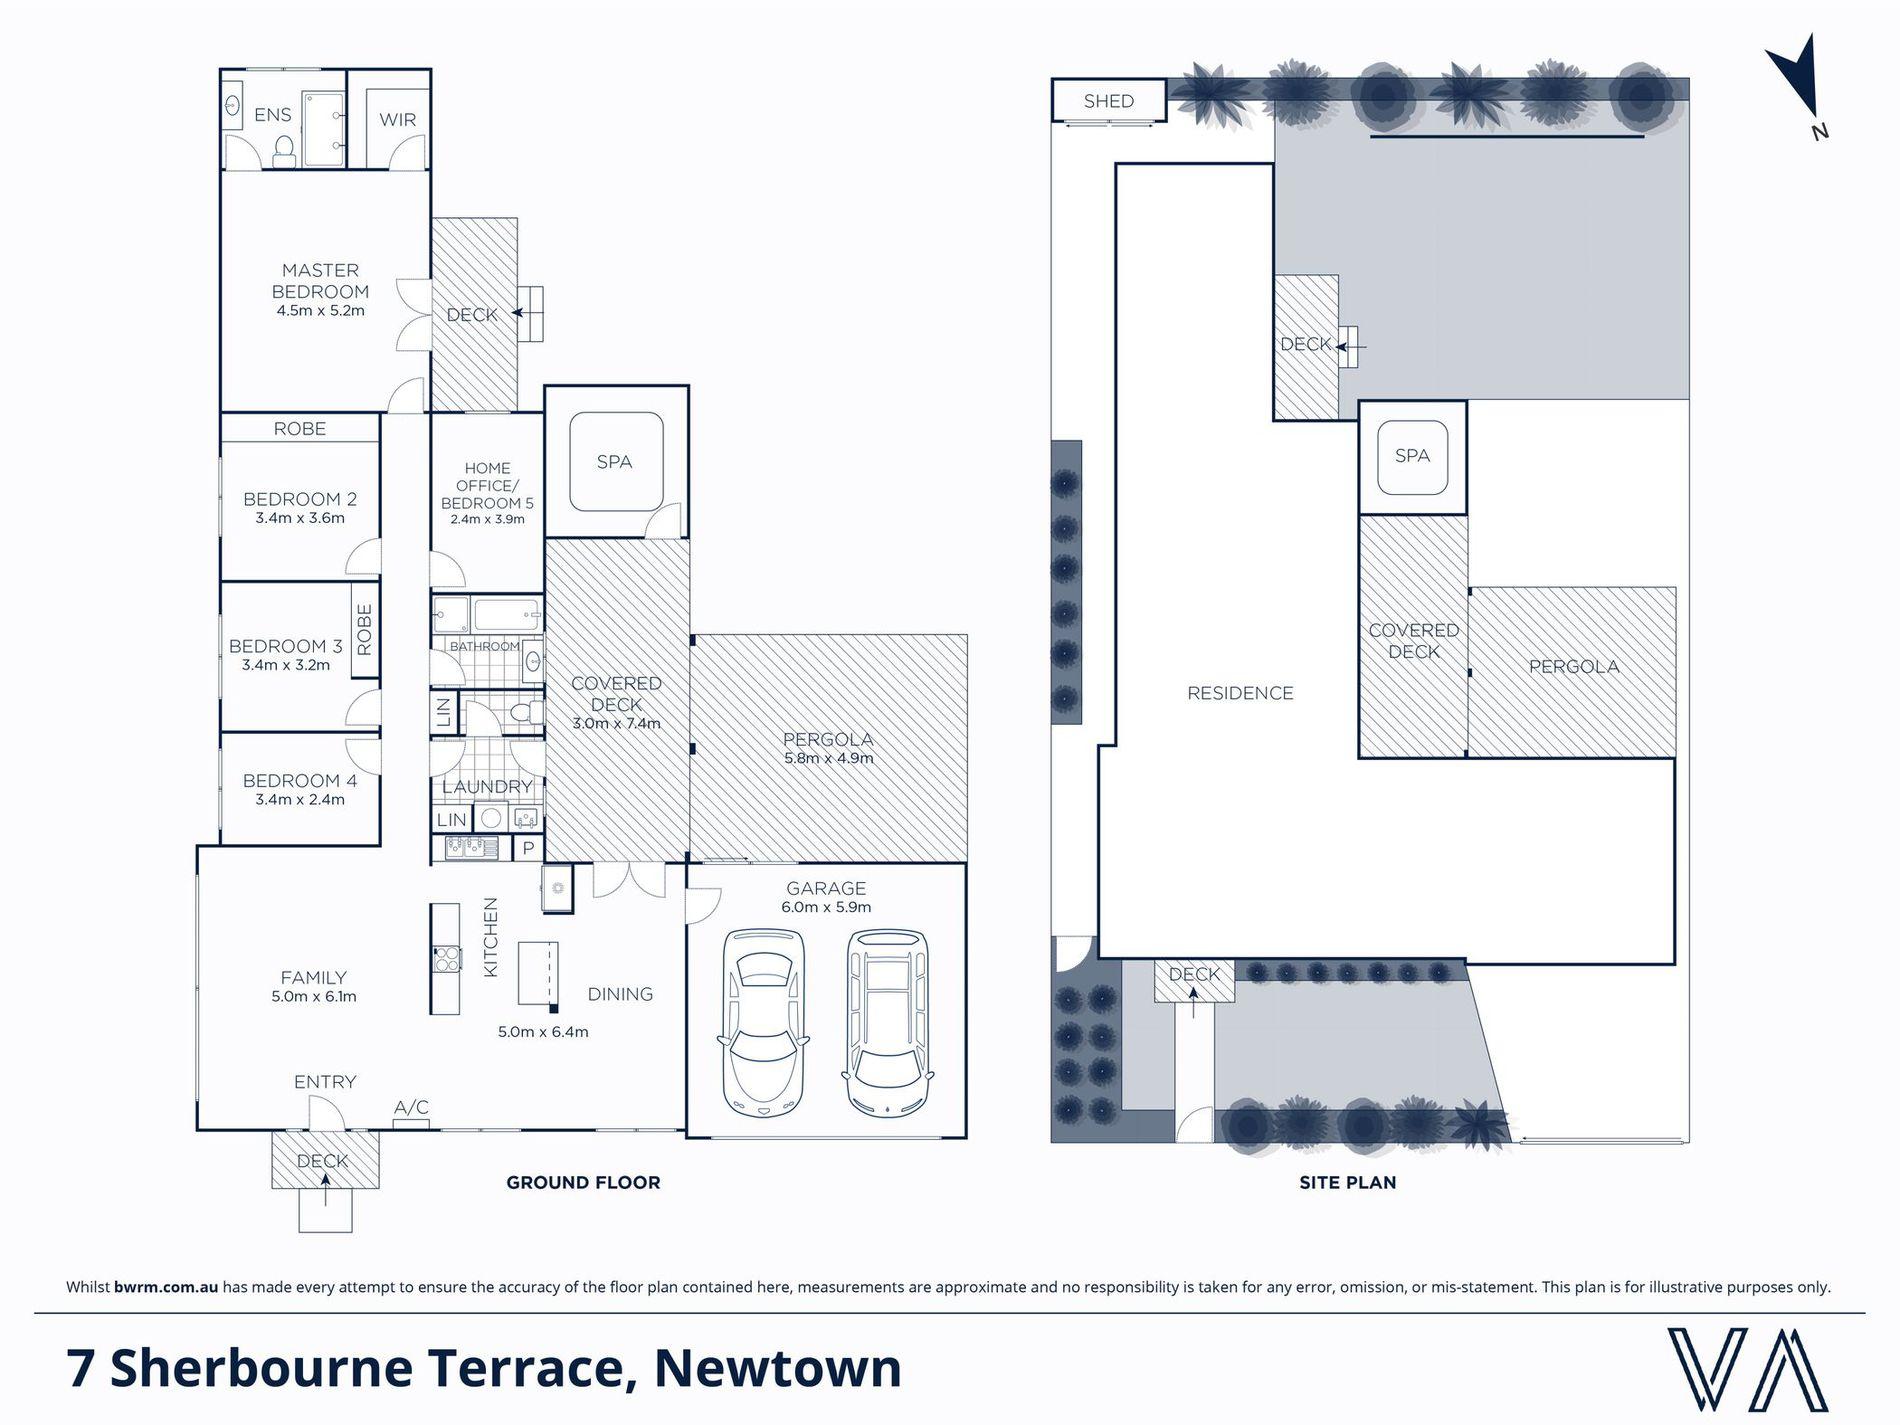 7 Sherbourne Terrace, Newtown